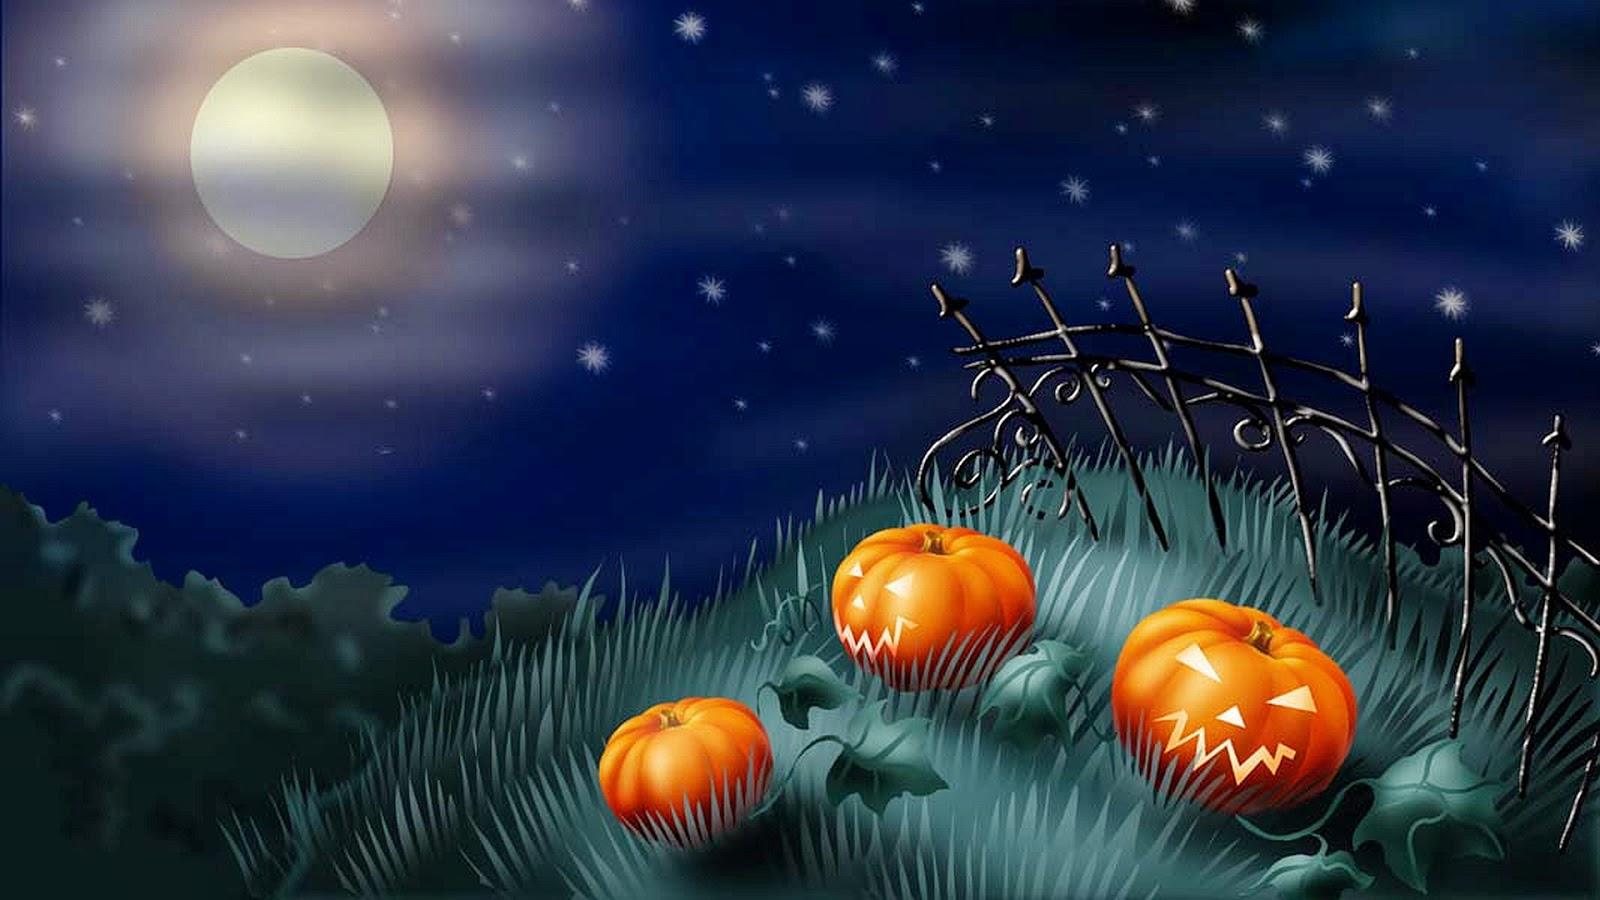 Hình nền Halloween cực đẹp cho máy tính 2013